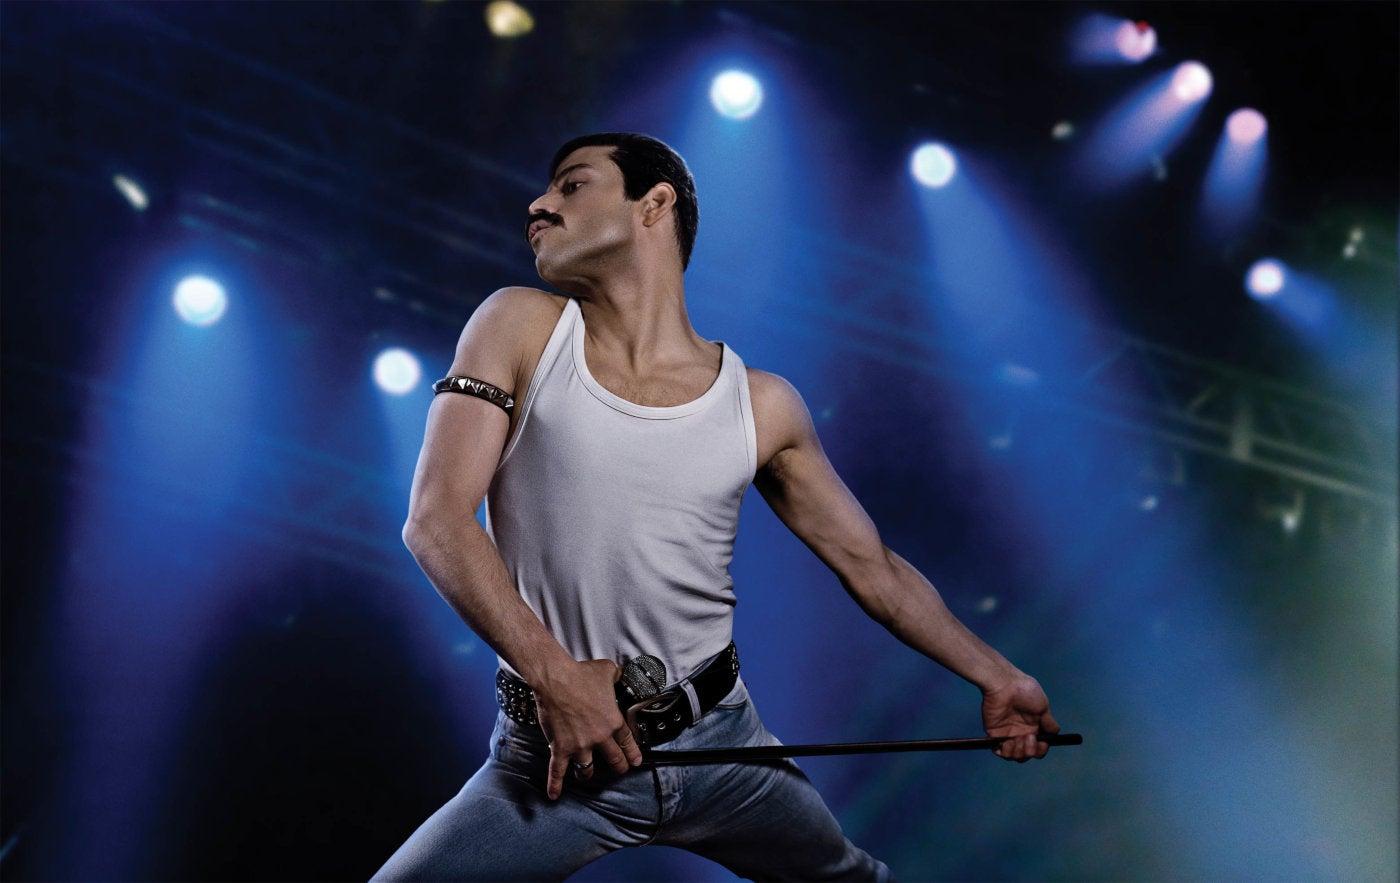 Rami Malek in a scene from Bohemian Rhapsody